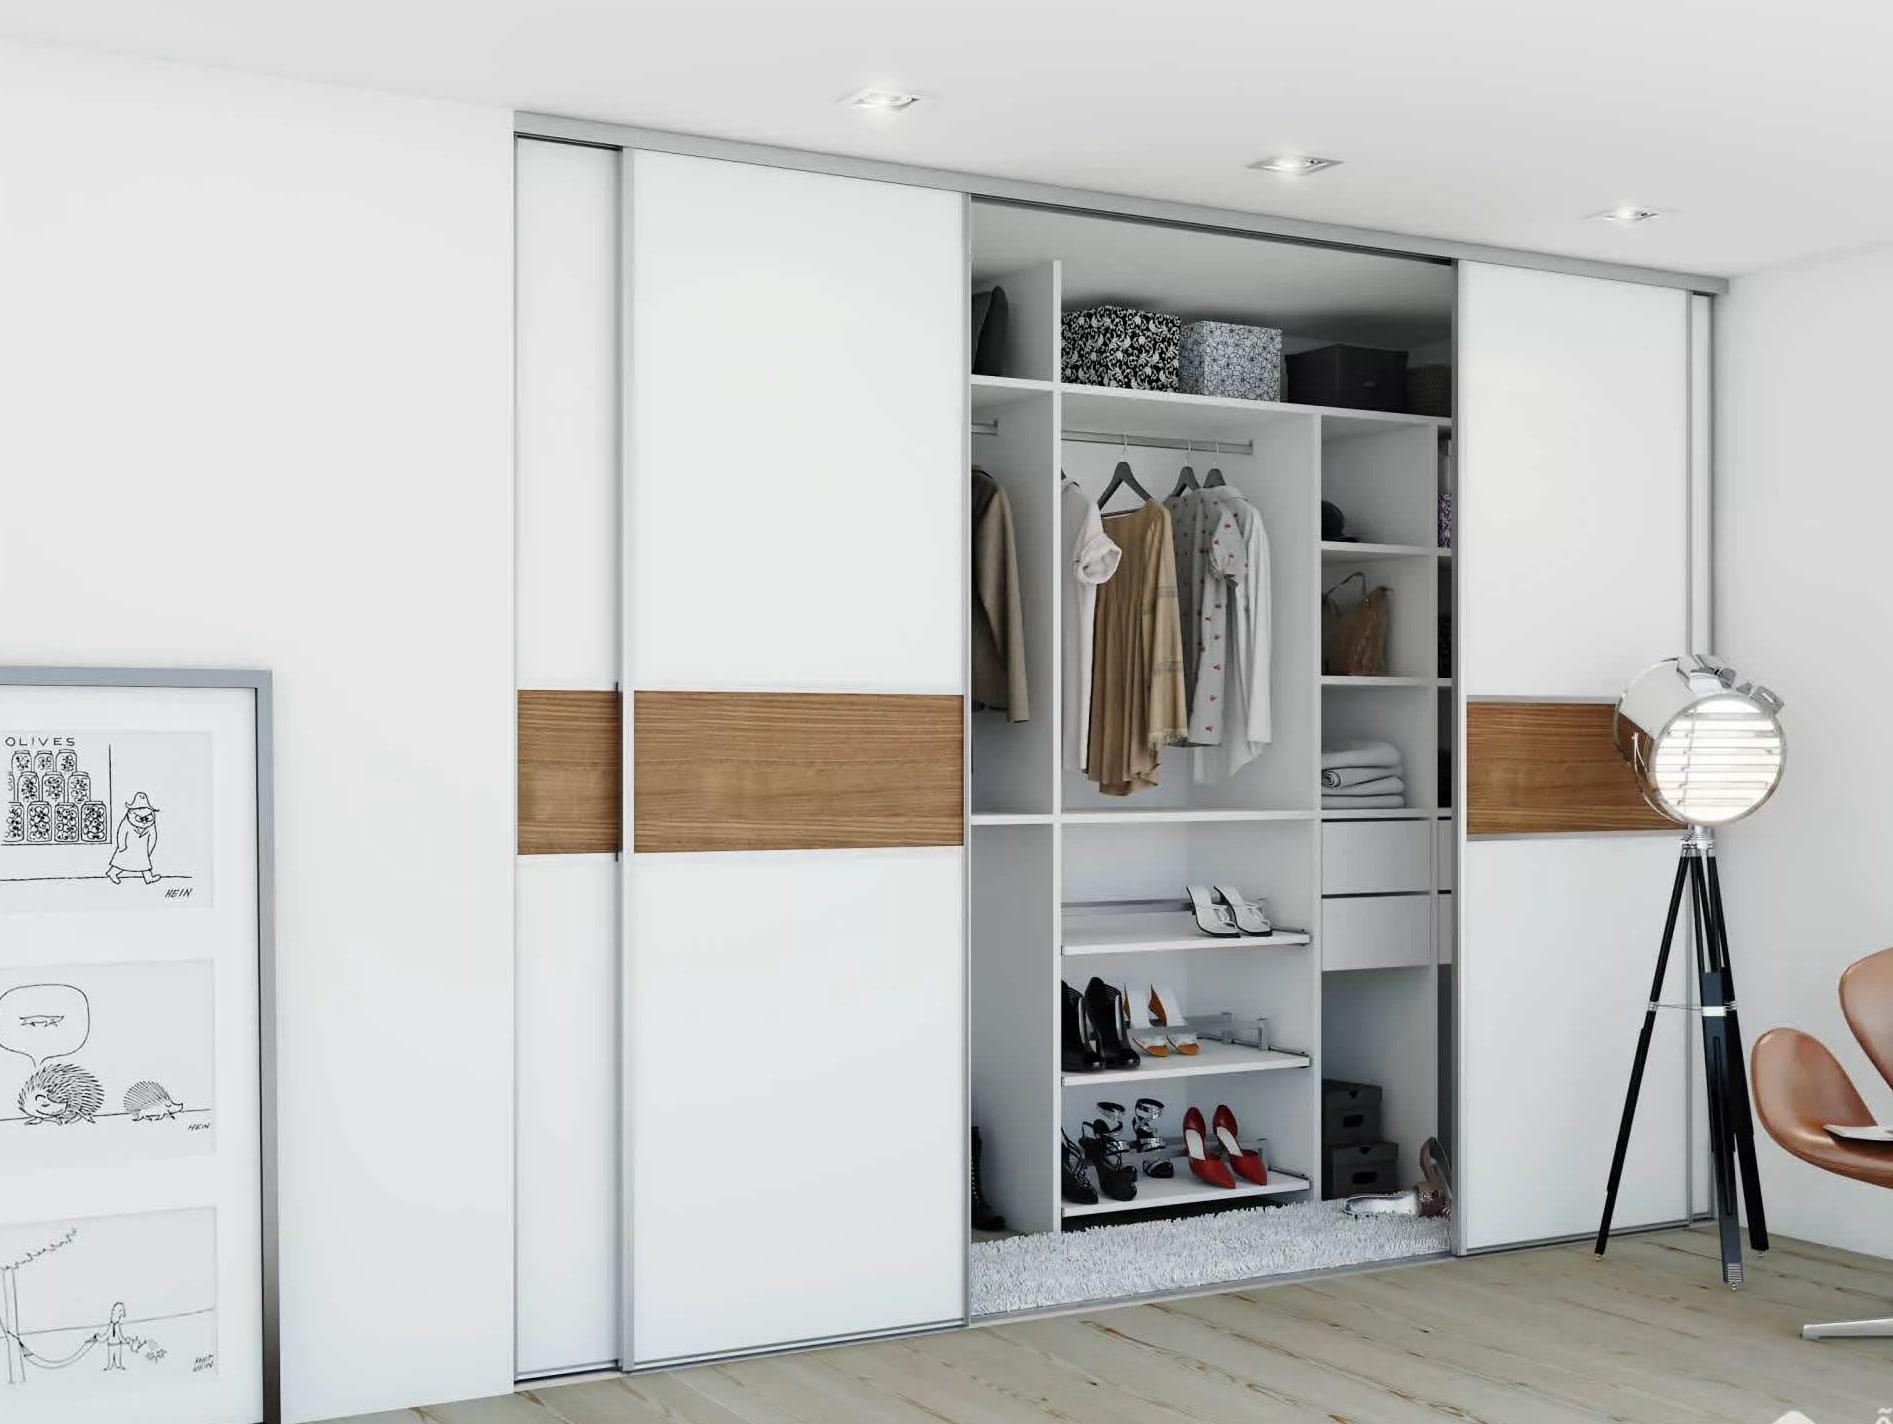 Mẫu thiết kế phòng ngủ có tủ thay đồ cửa trượt màu sắc đơn giản